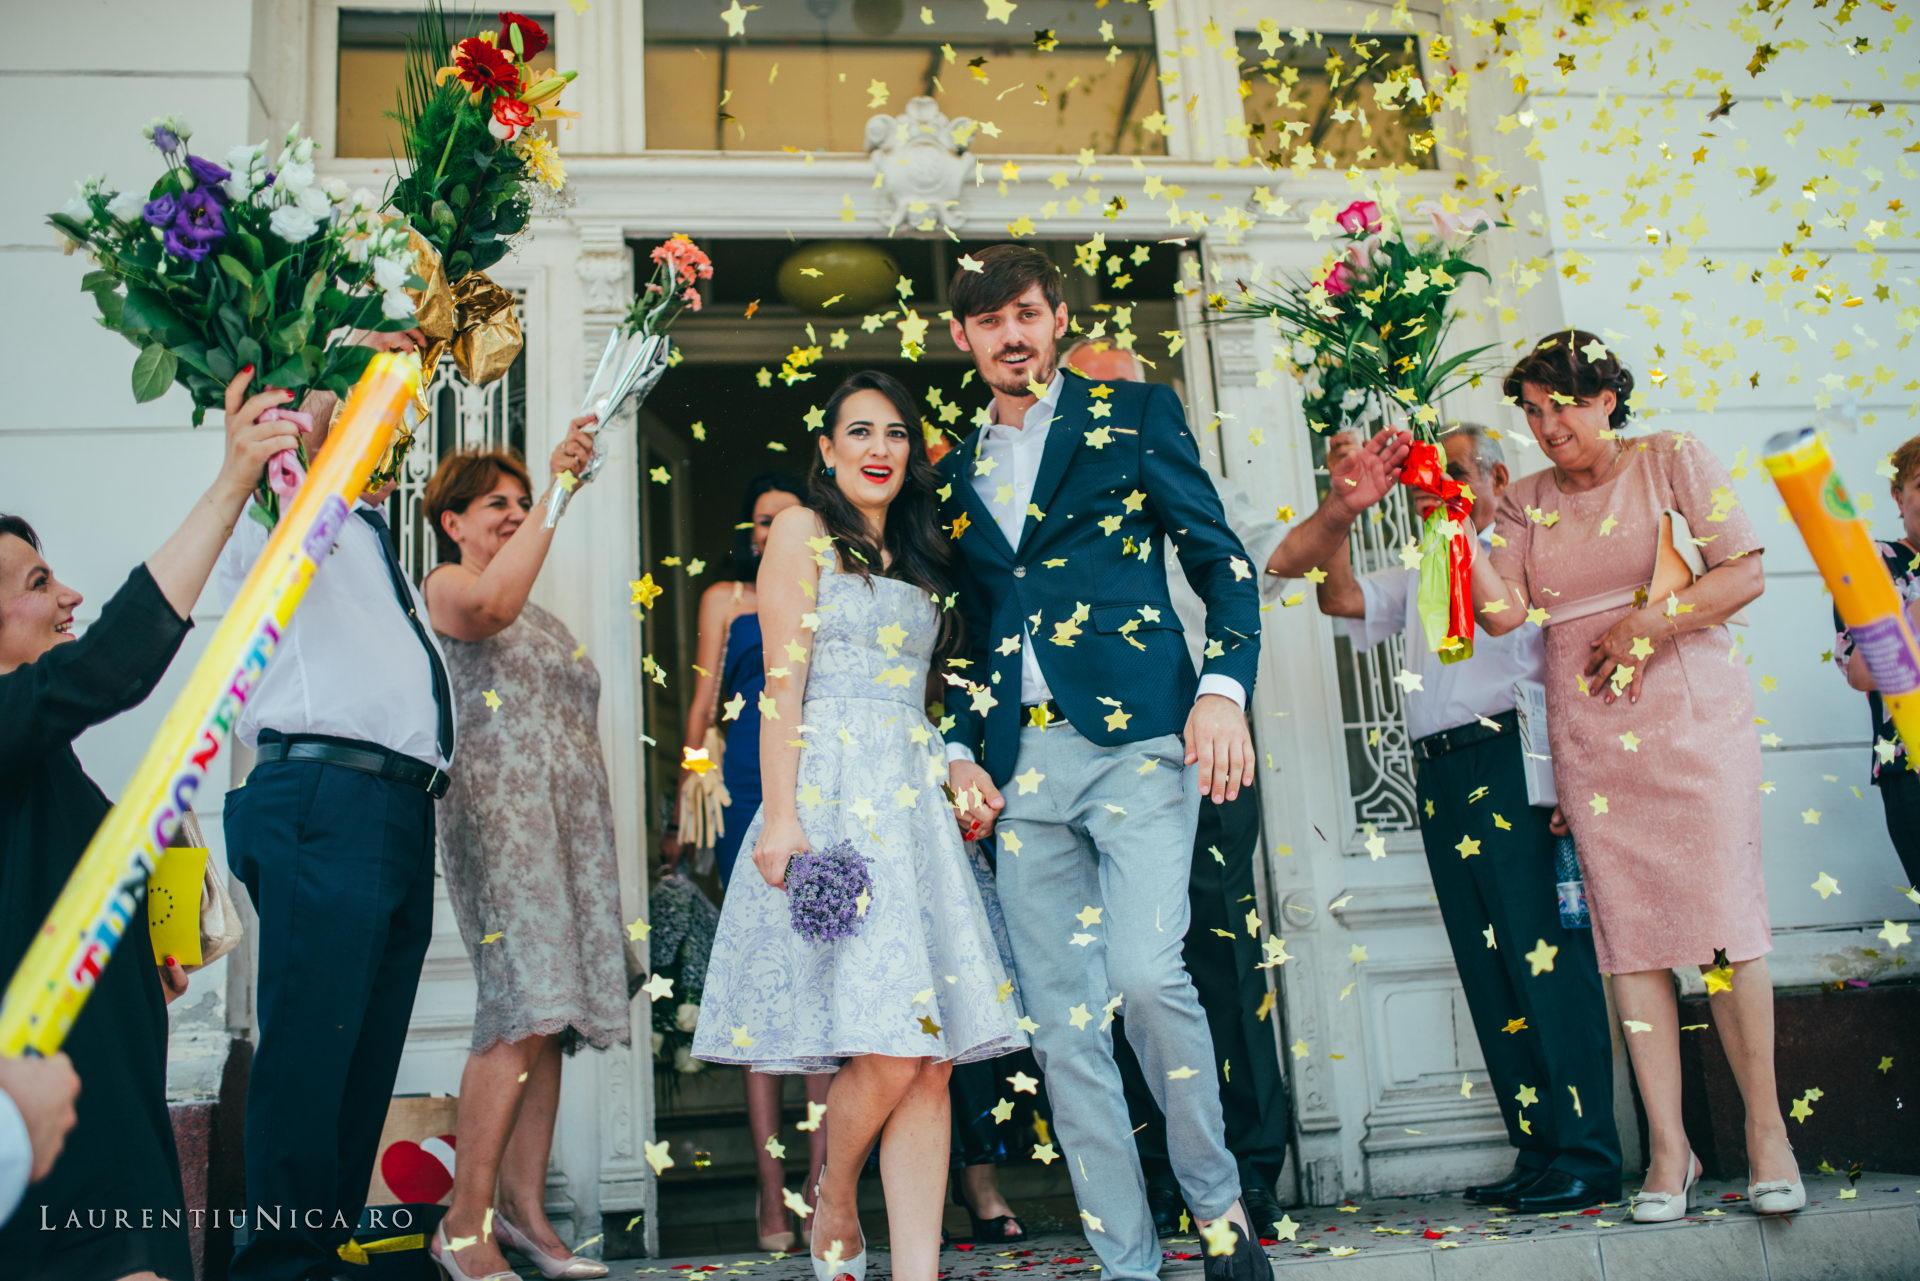 Cristina si Ovidiu nunta Craiova fotograf laurentiu nica 017 - Cristina & Ovidiu | Fotografii nunta | Craiova